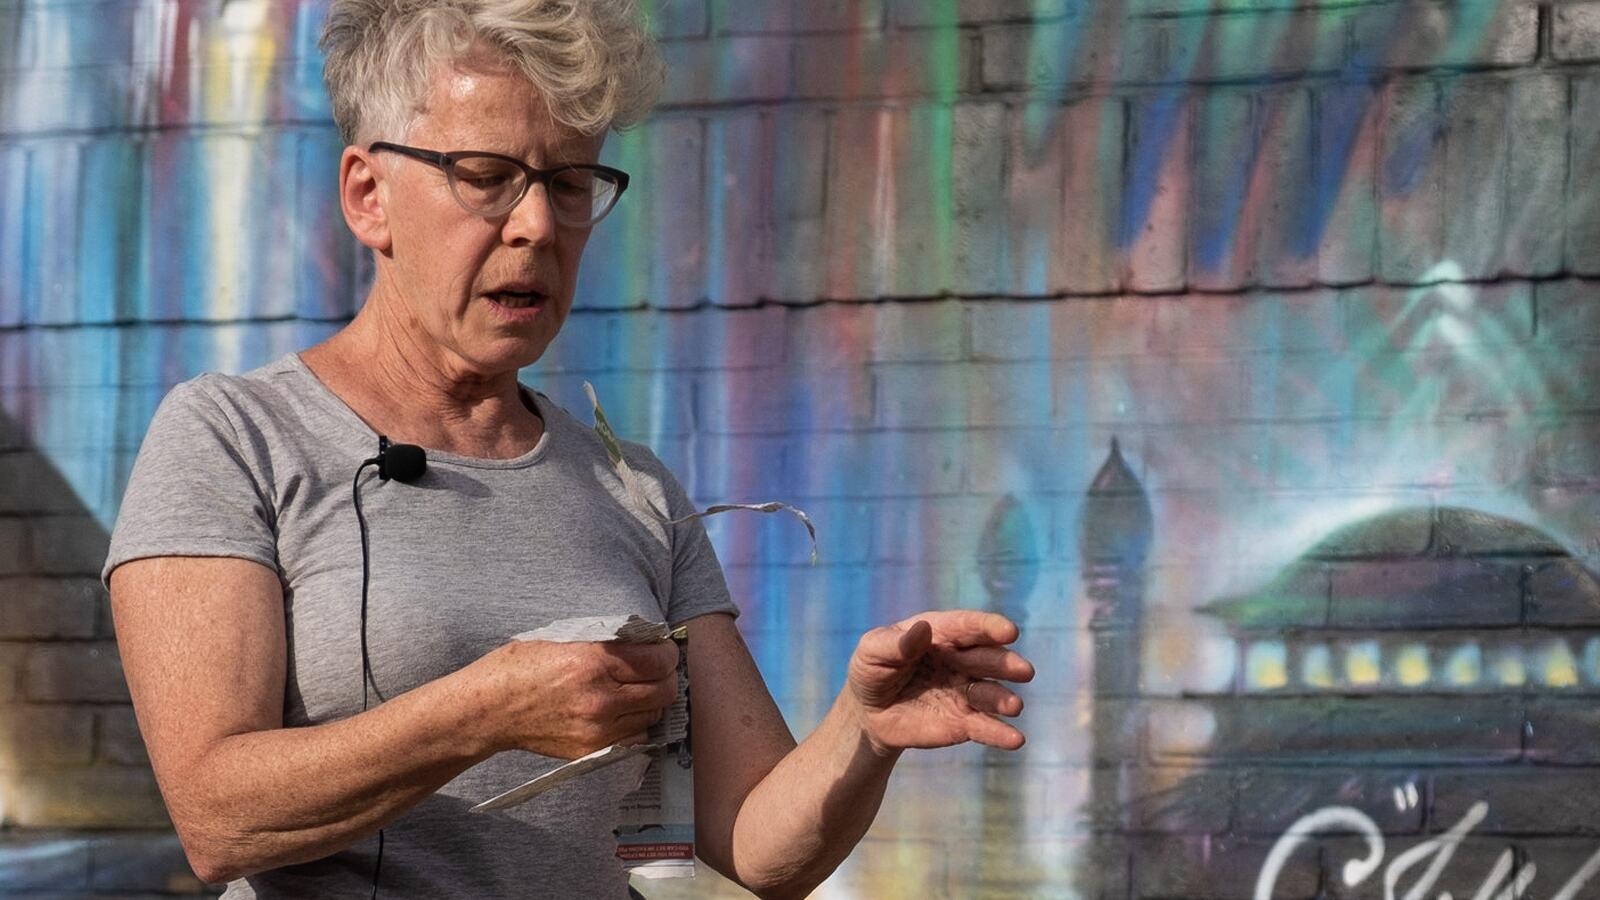 Kate Davis, poet